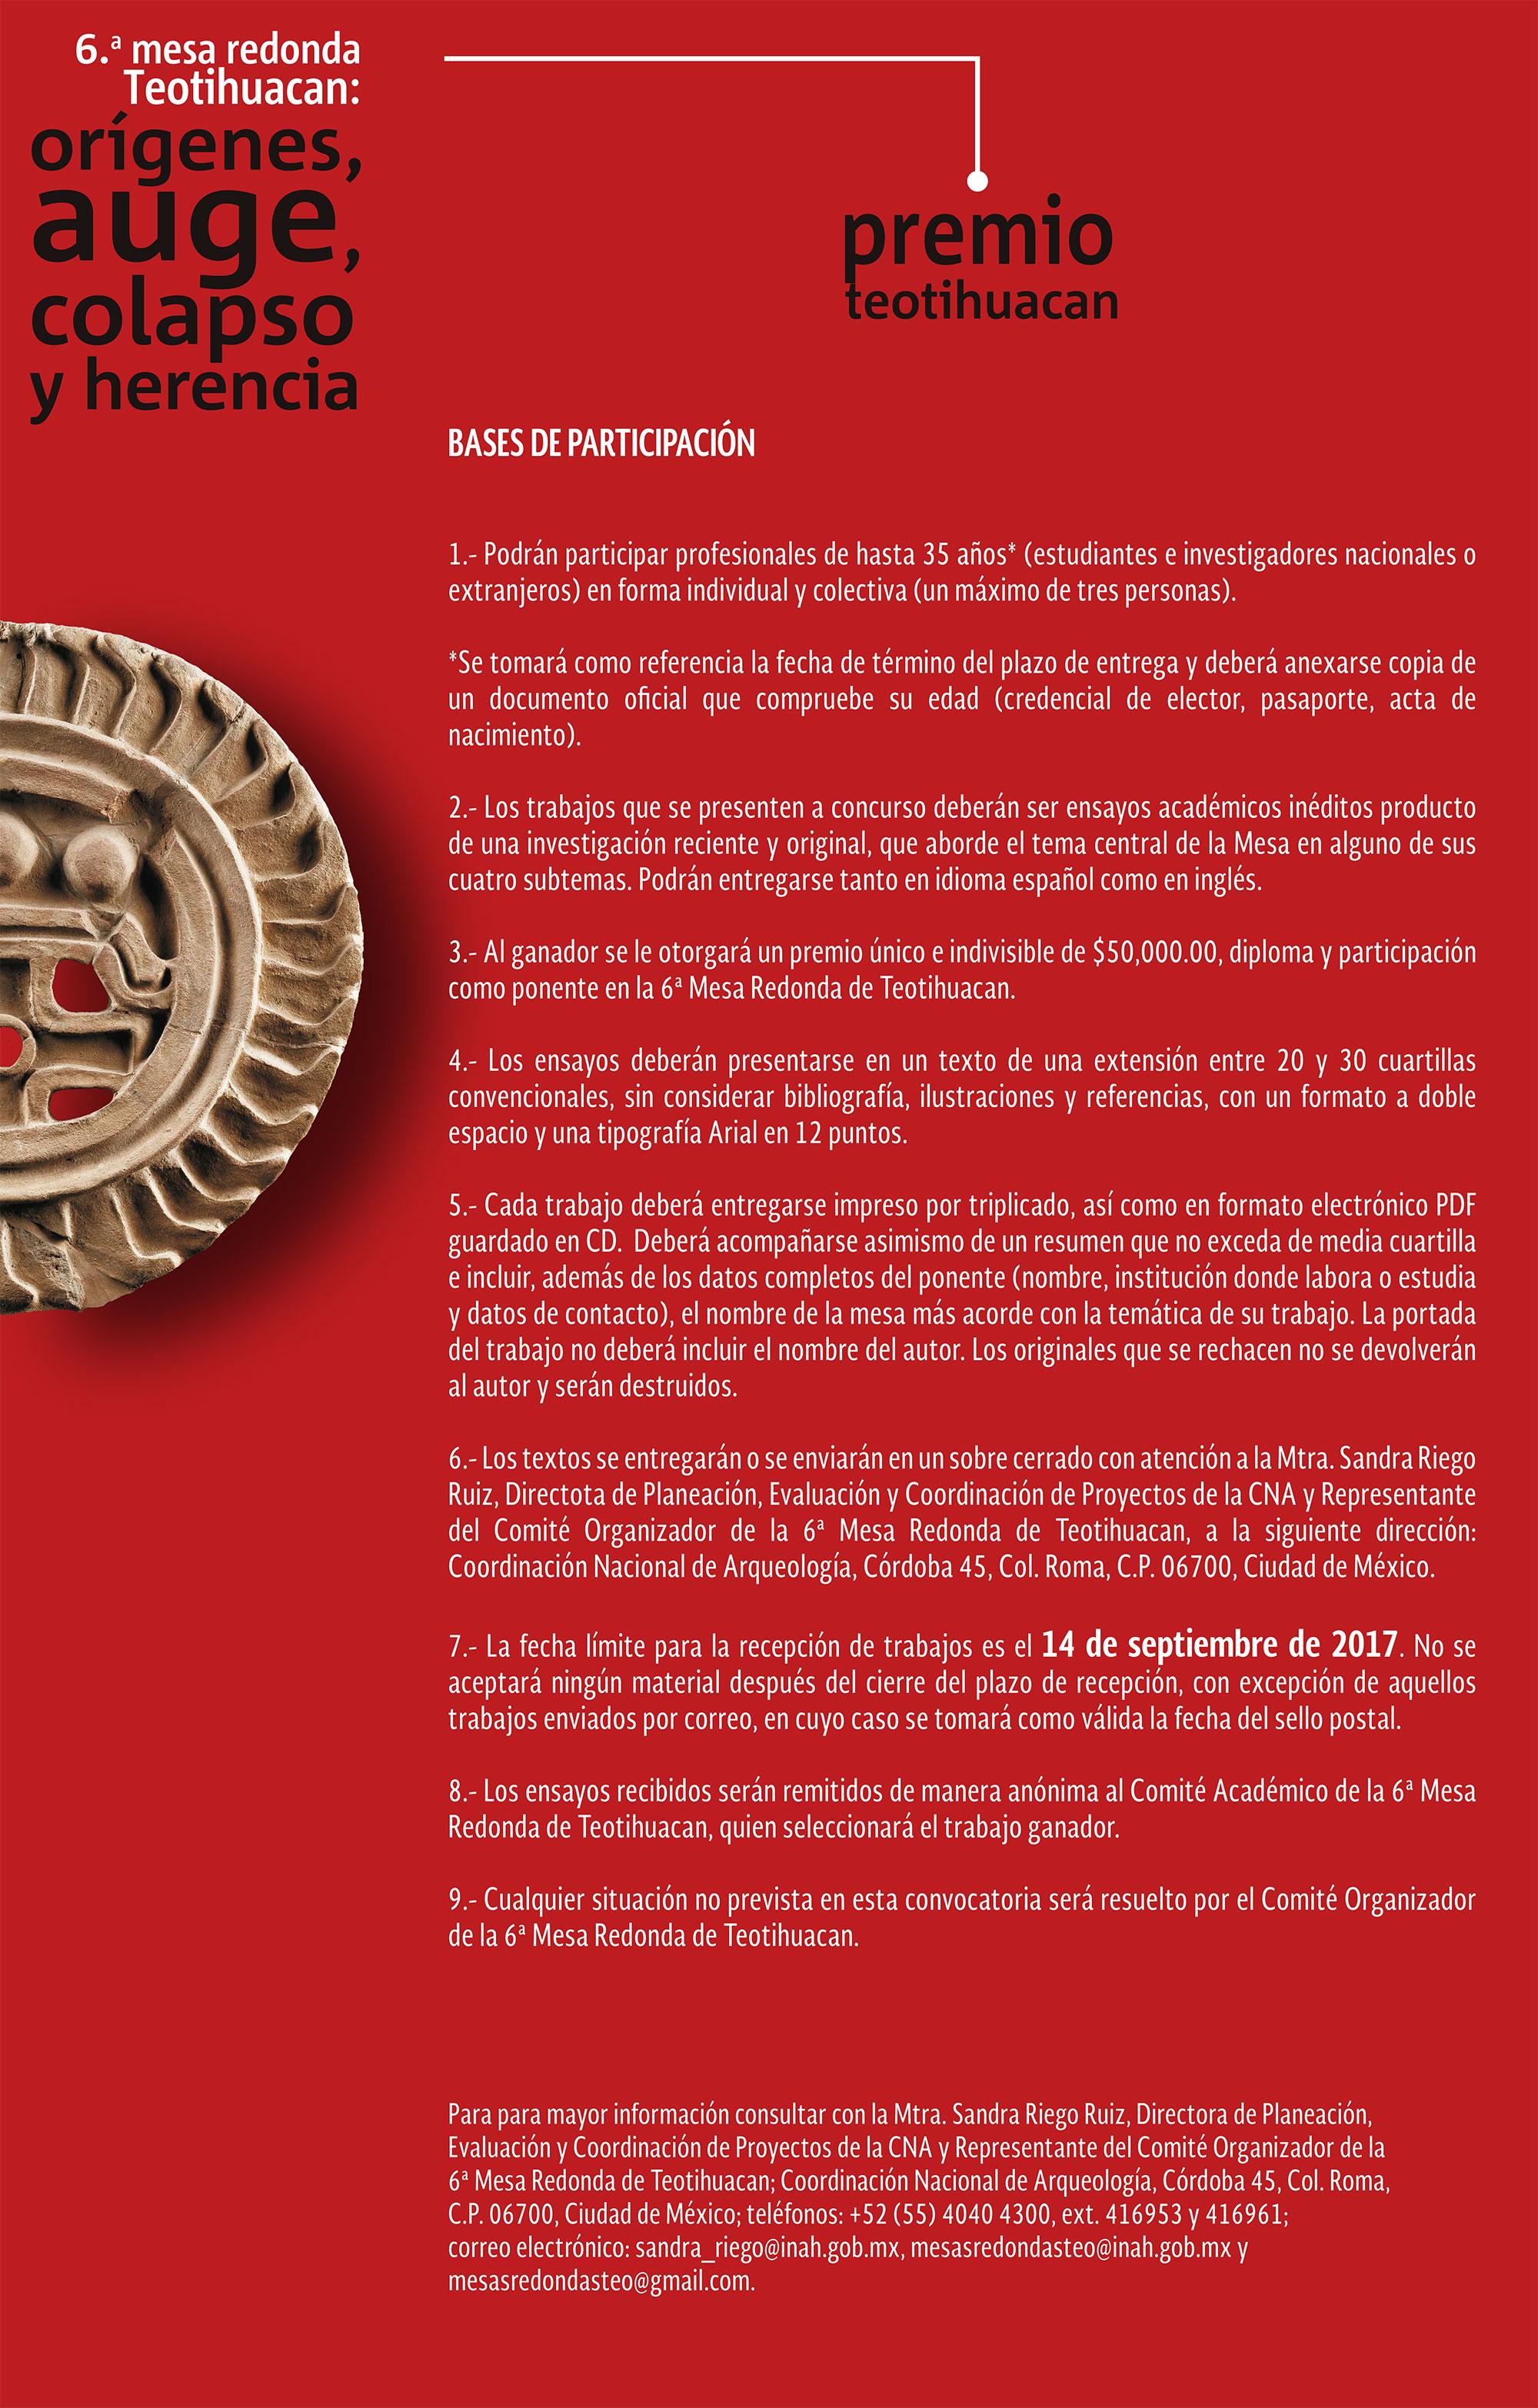 Gran Premio Teotihuacan